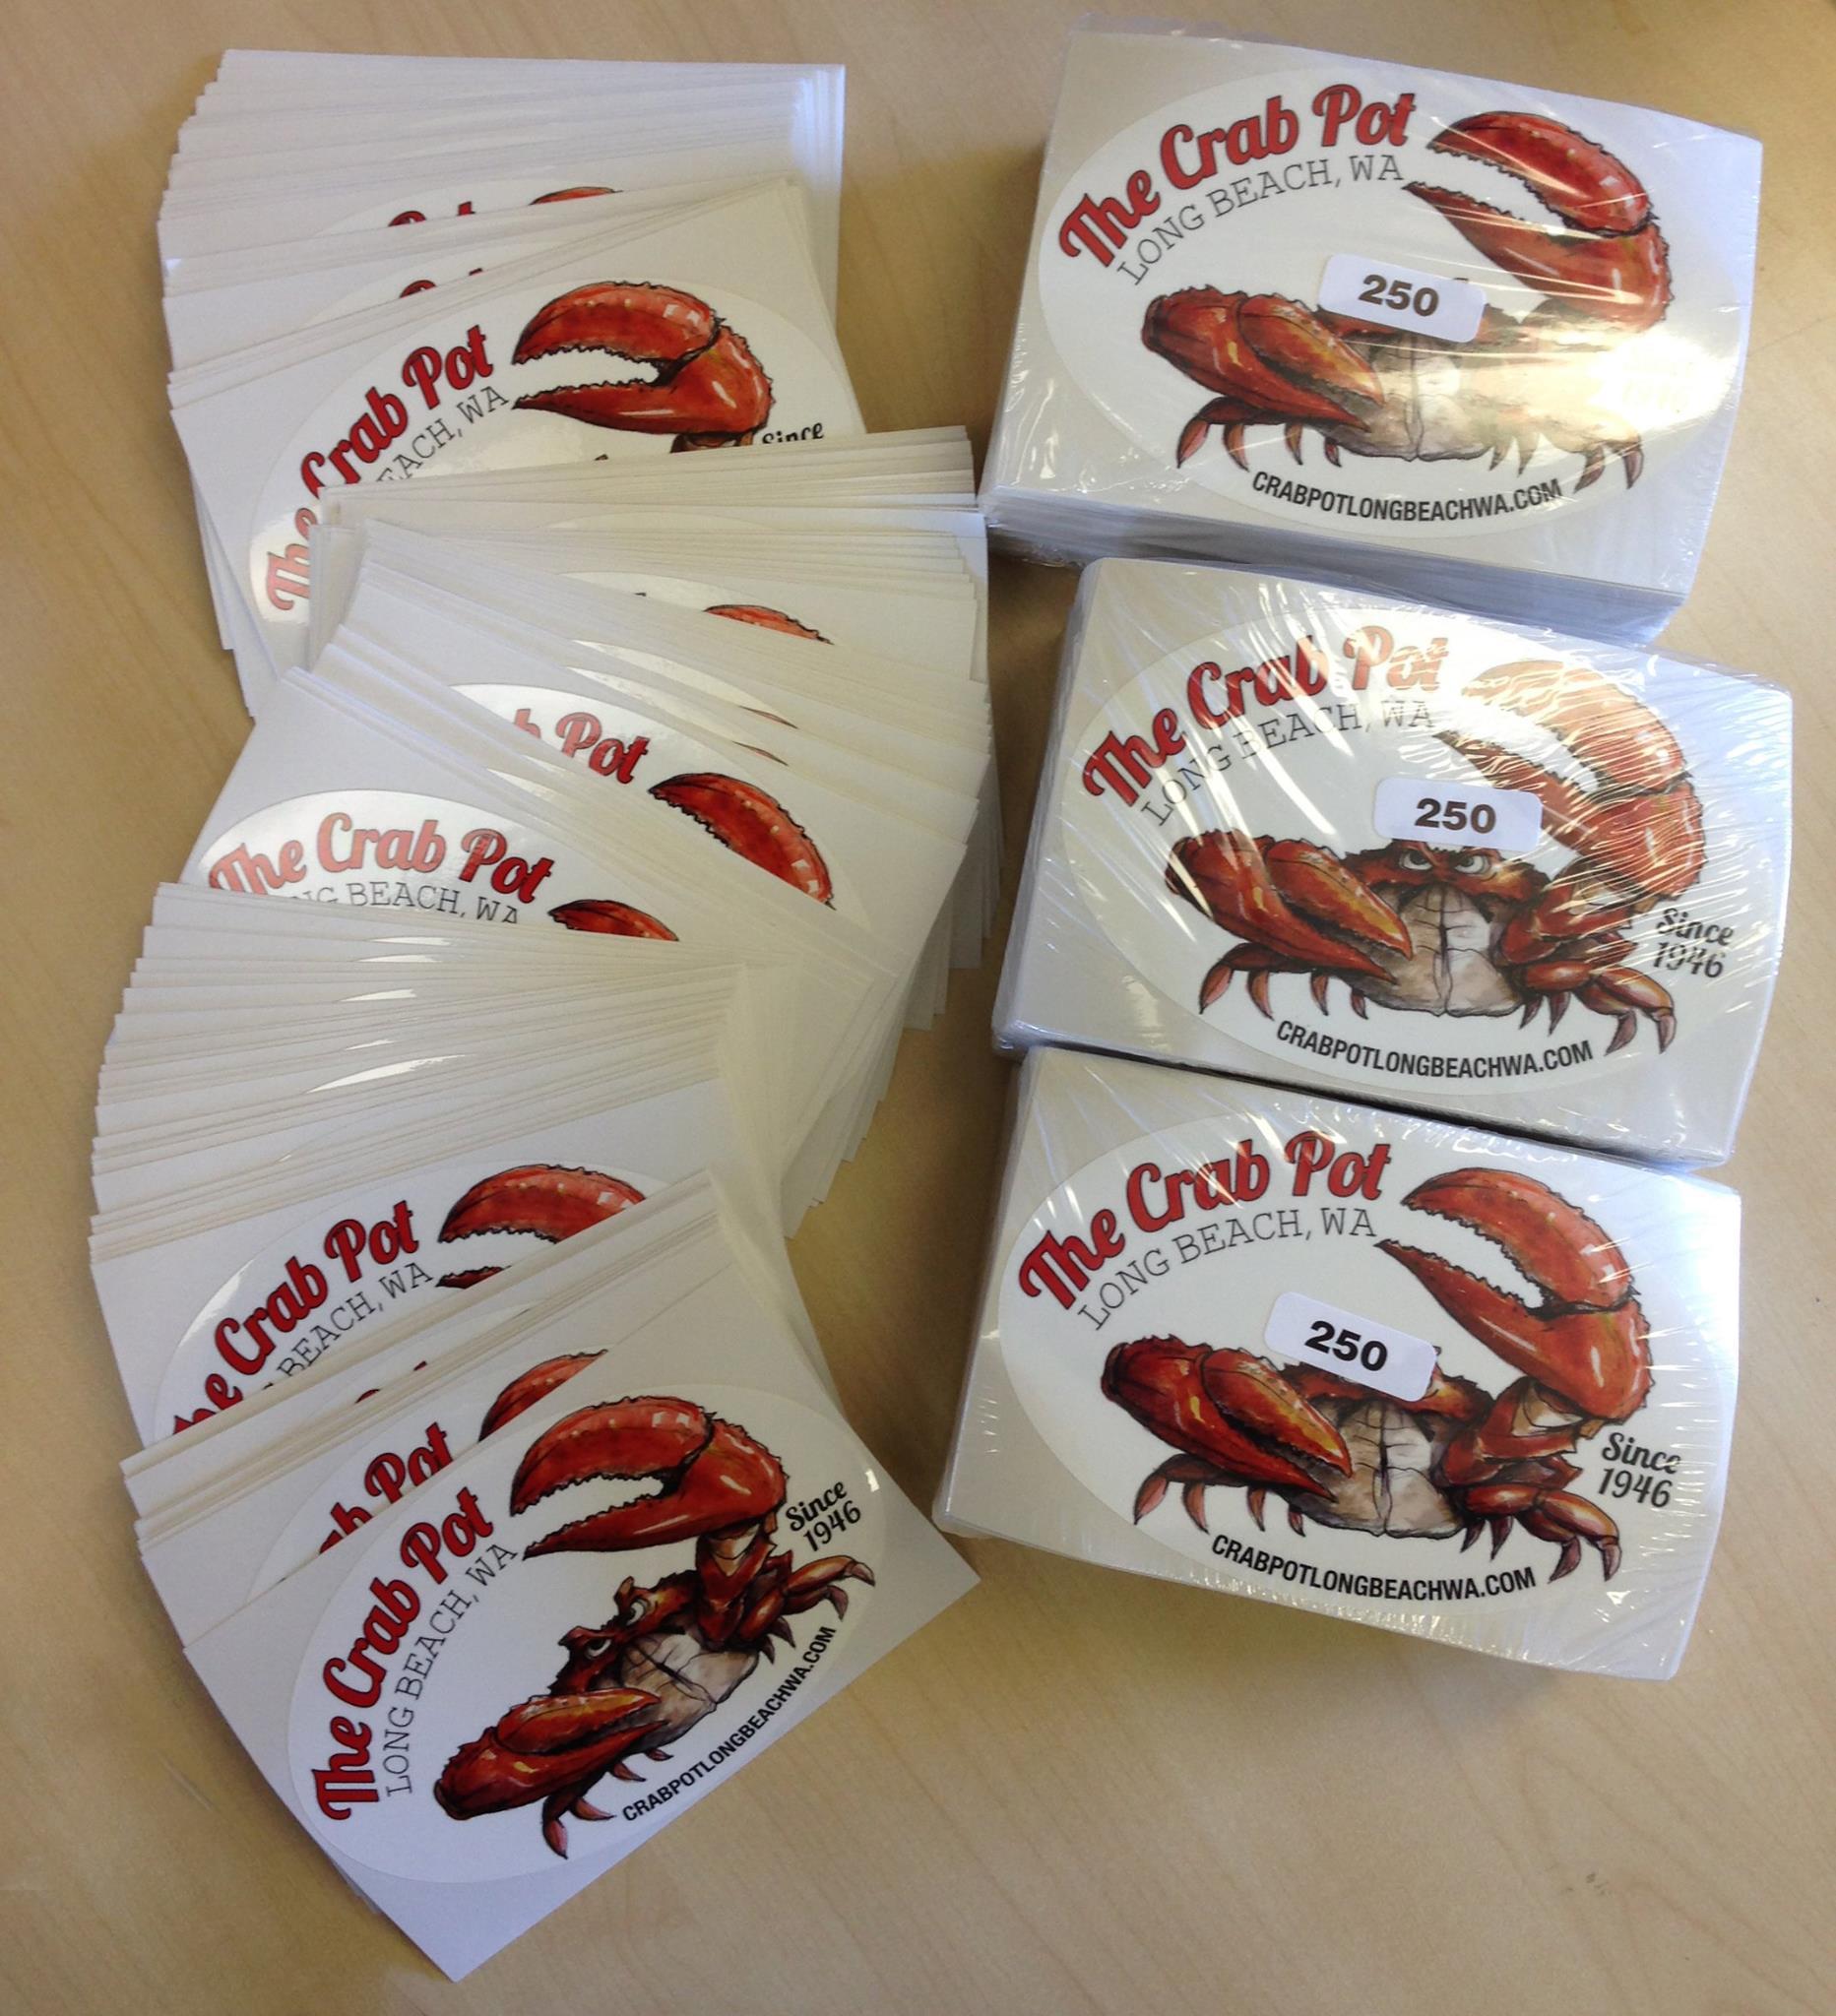 crab pot decal